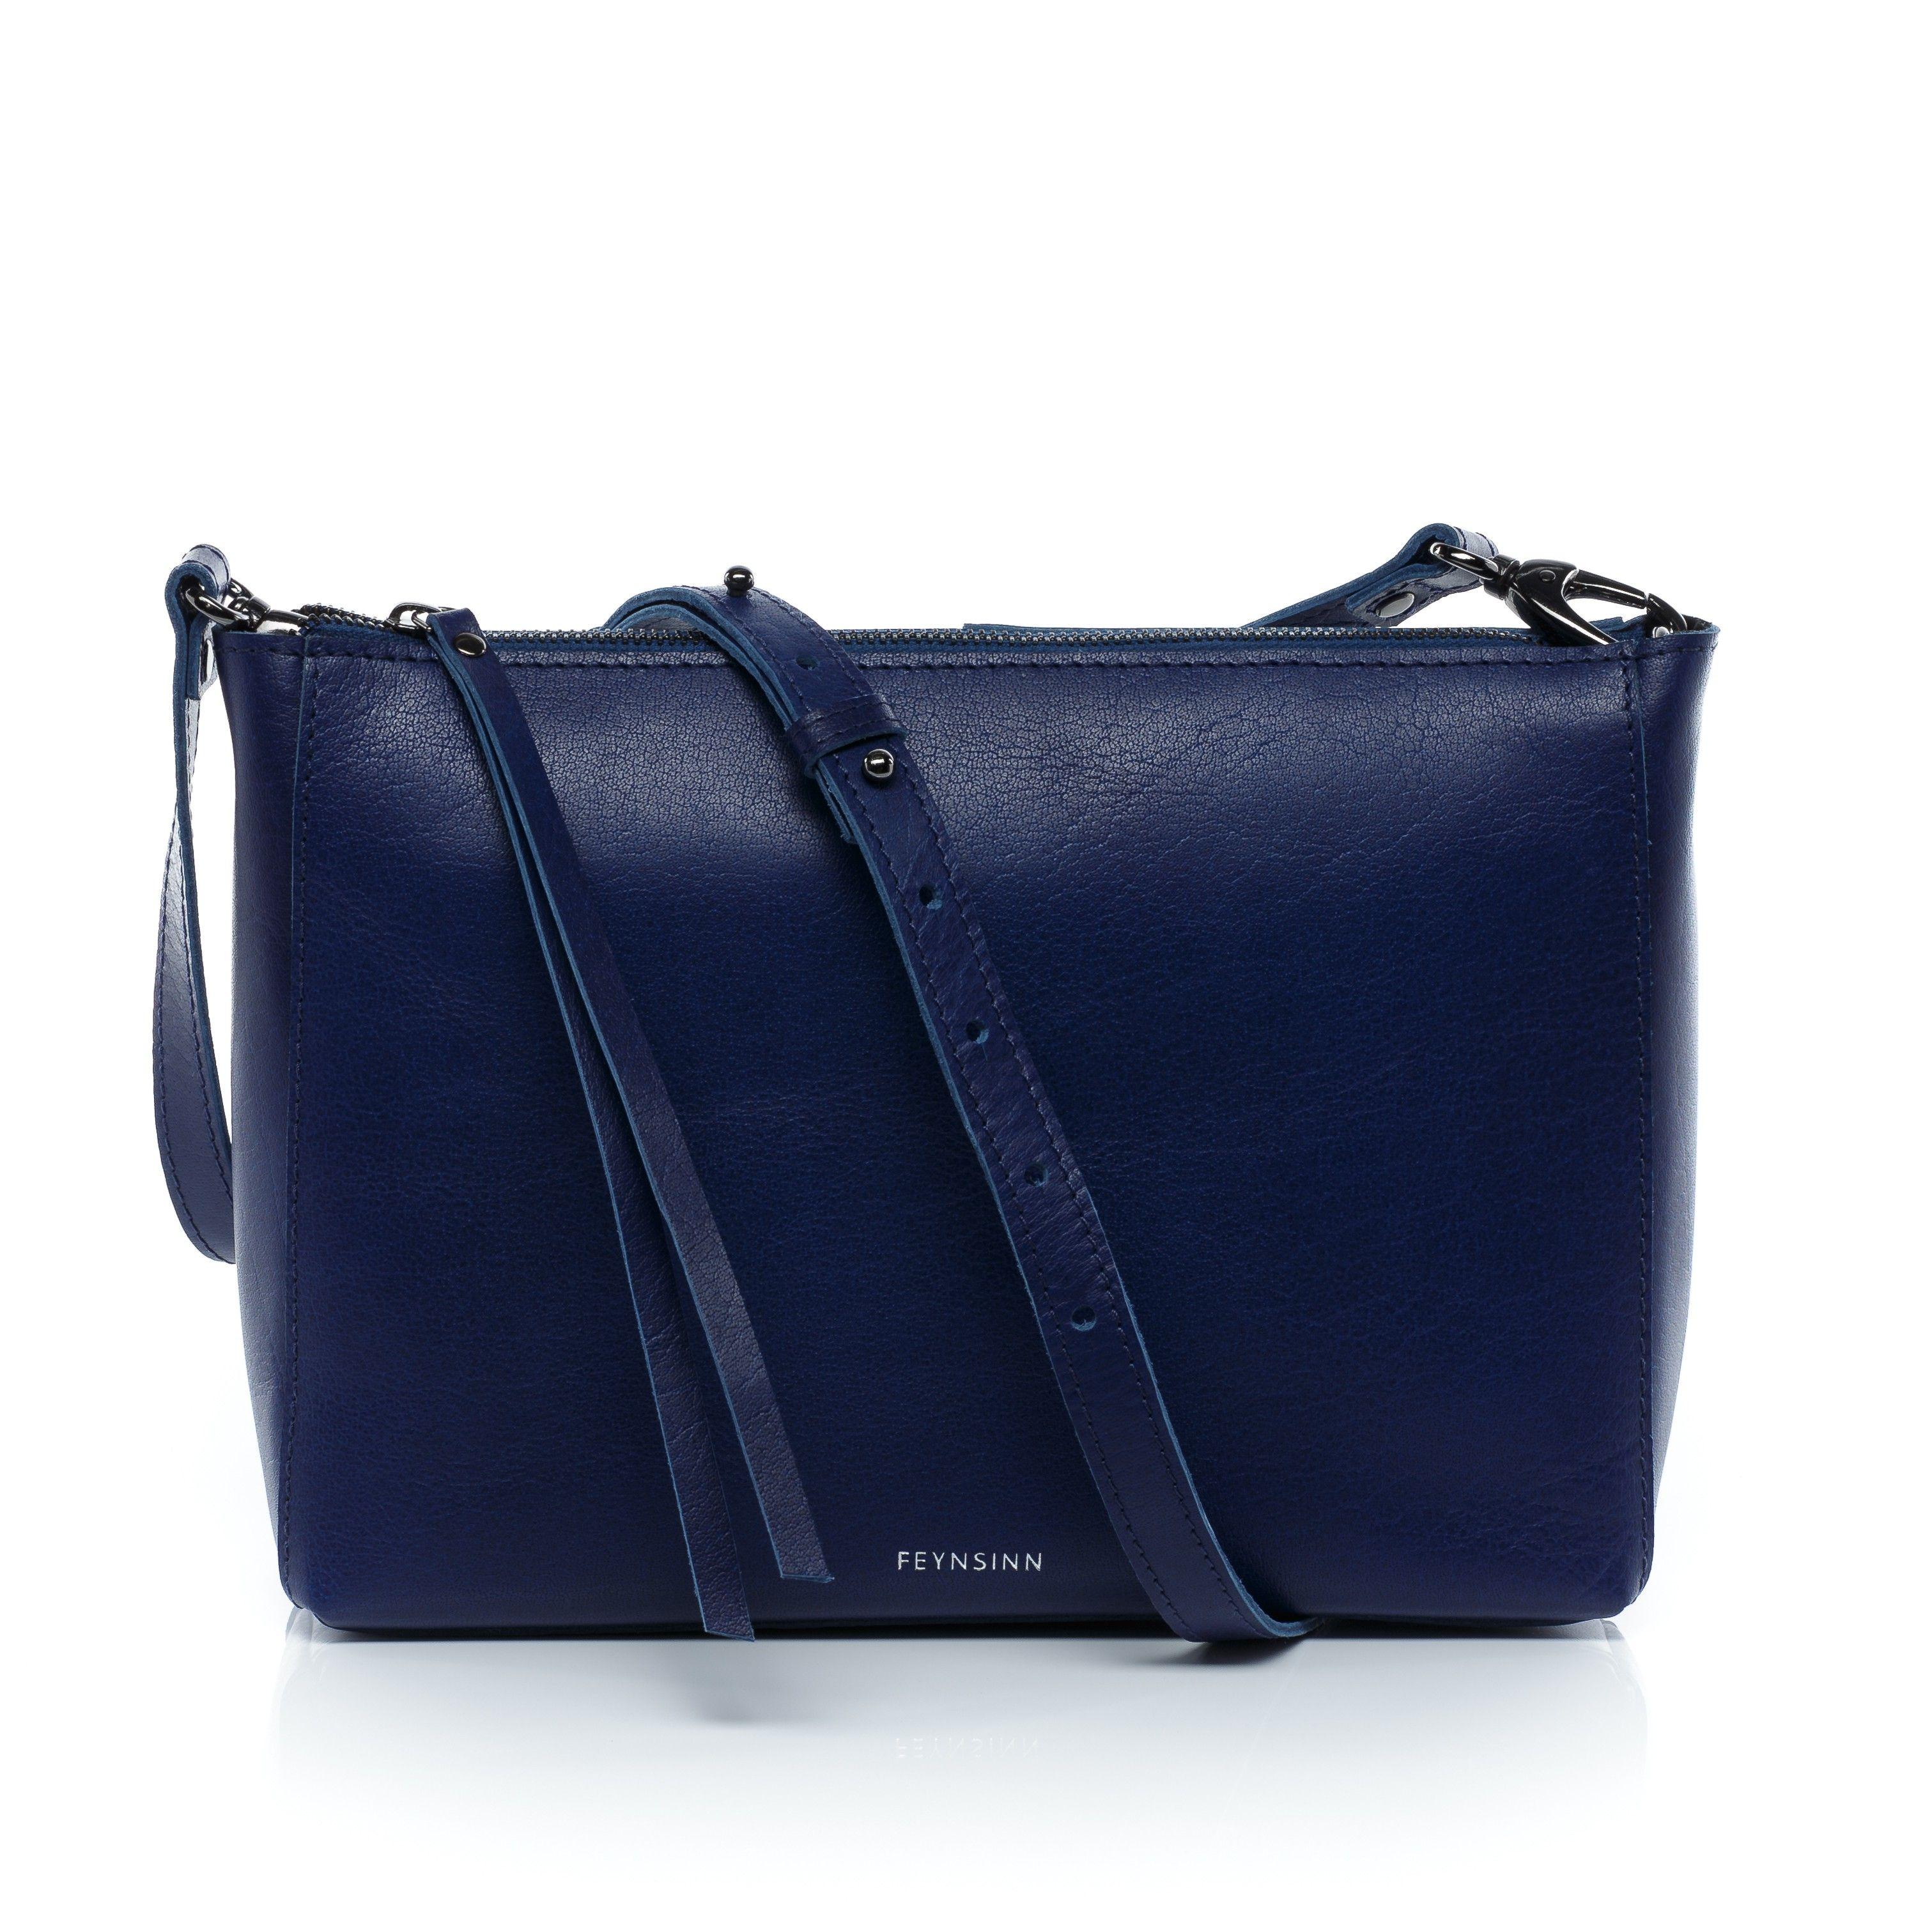 301a48394beee FEYNSINN Umhängetasche JEMMA - Leder Ledertasche mit Schultergurt indigo  Taschen Damentaschen Abendtaschen